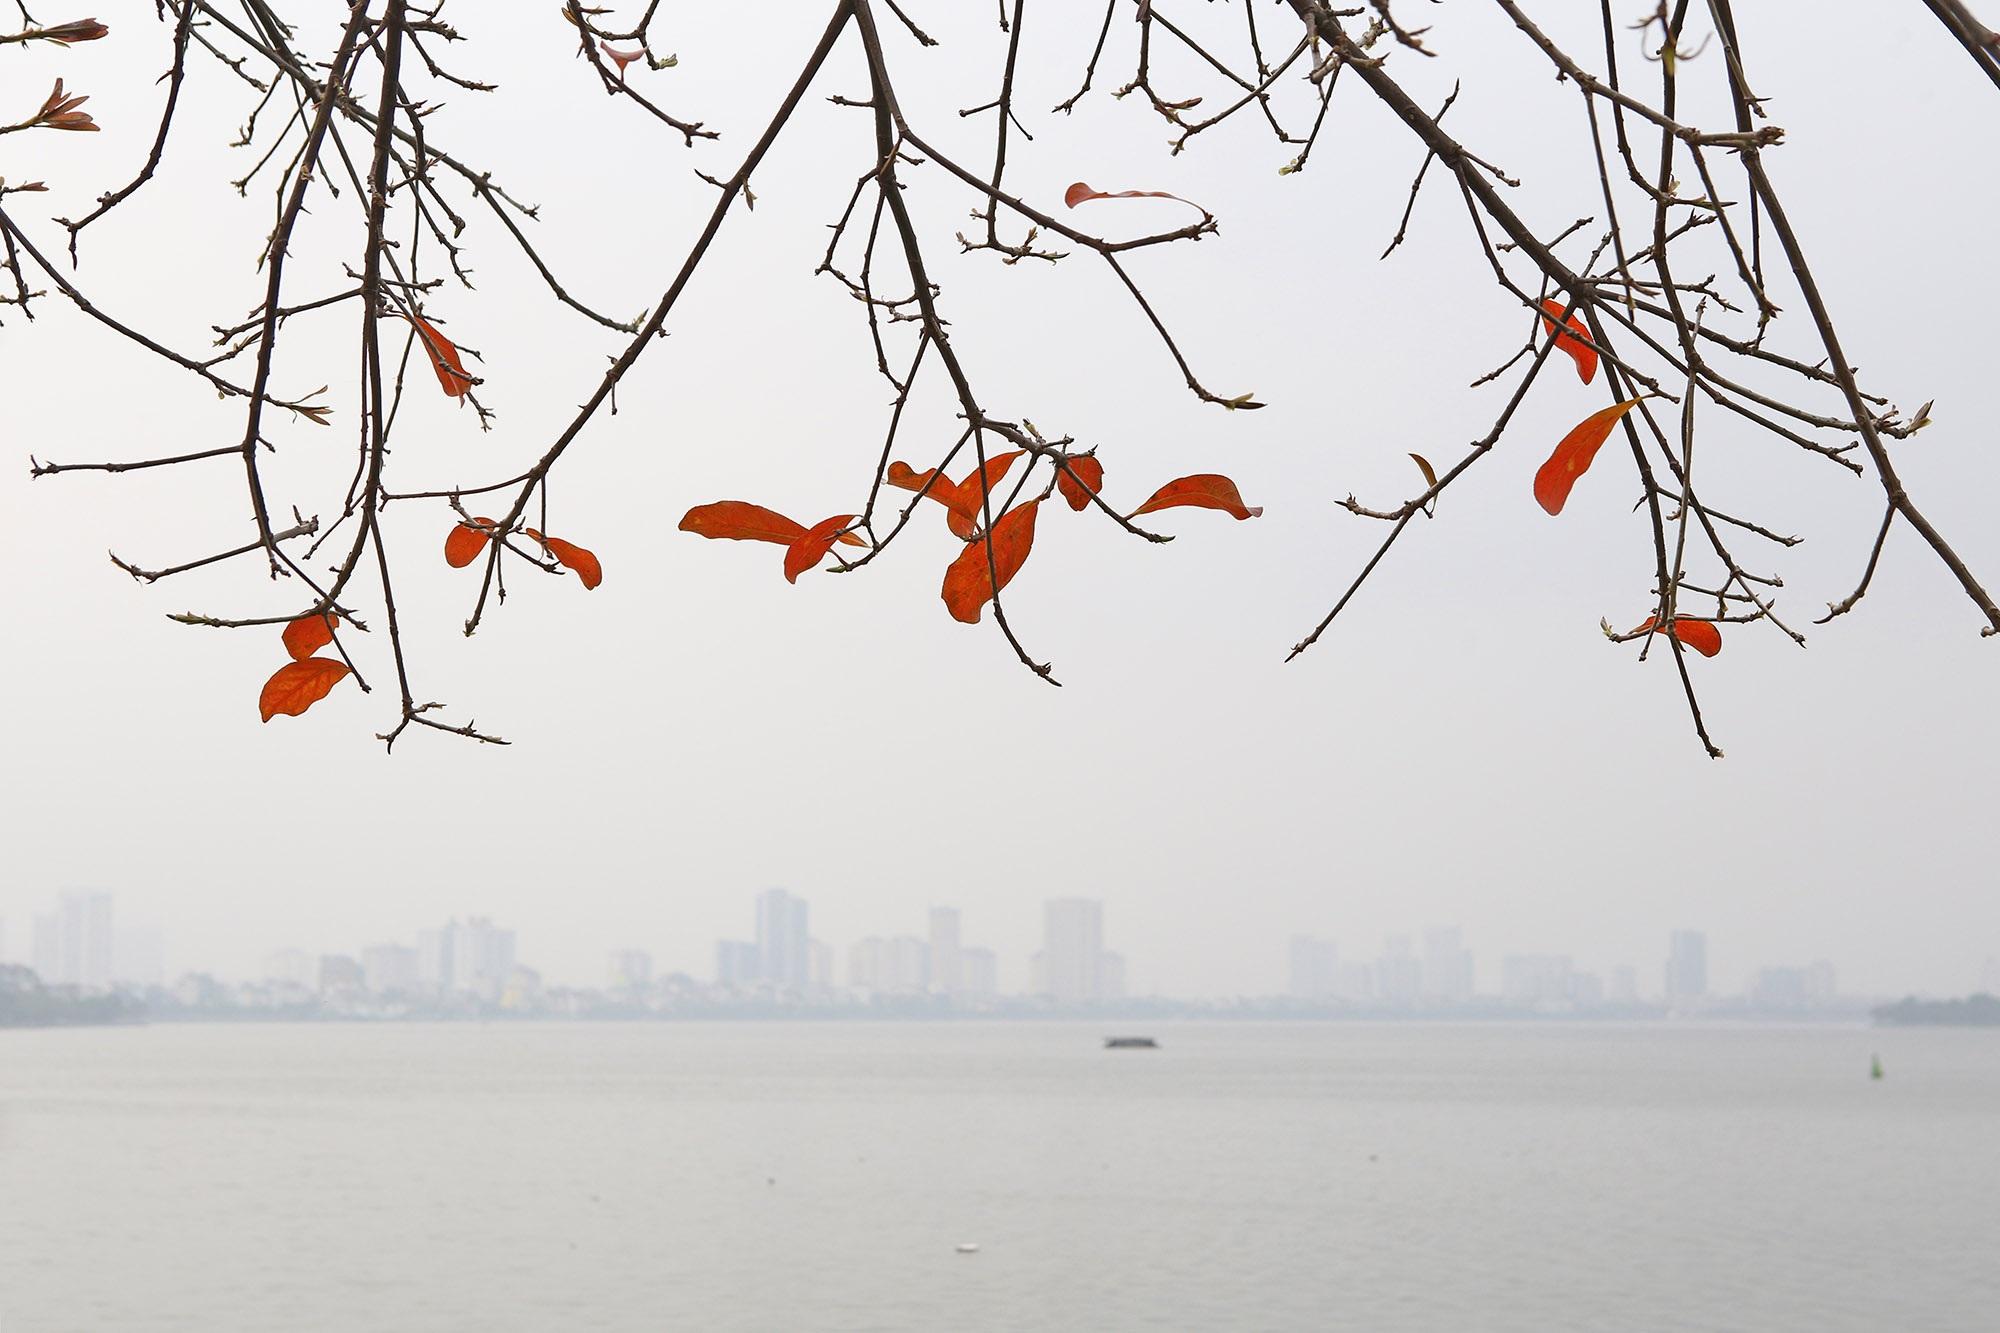 Hà Nội: Ngắm hồ Tây đẹp lãng mạn vào mùa cây thay lá - 2